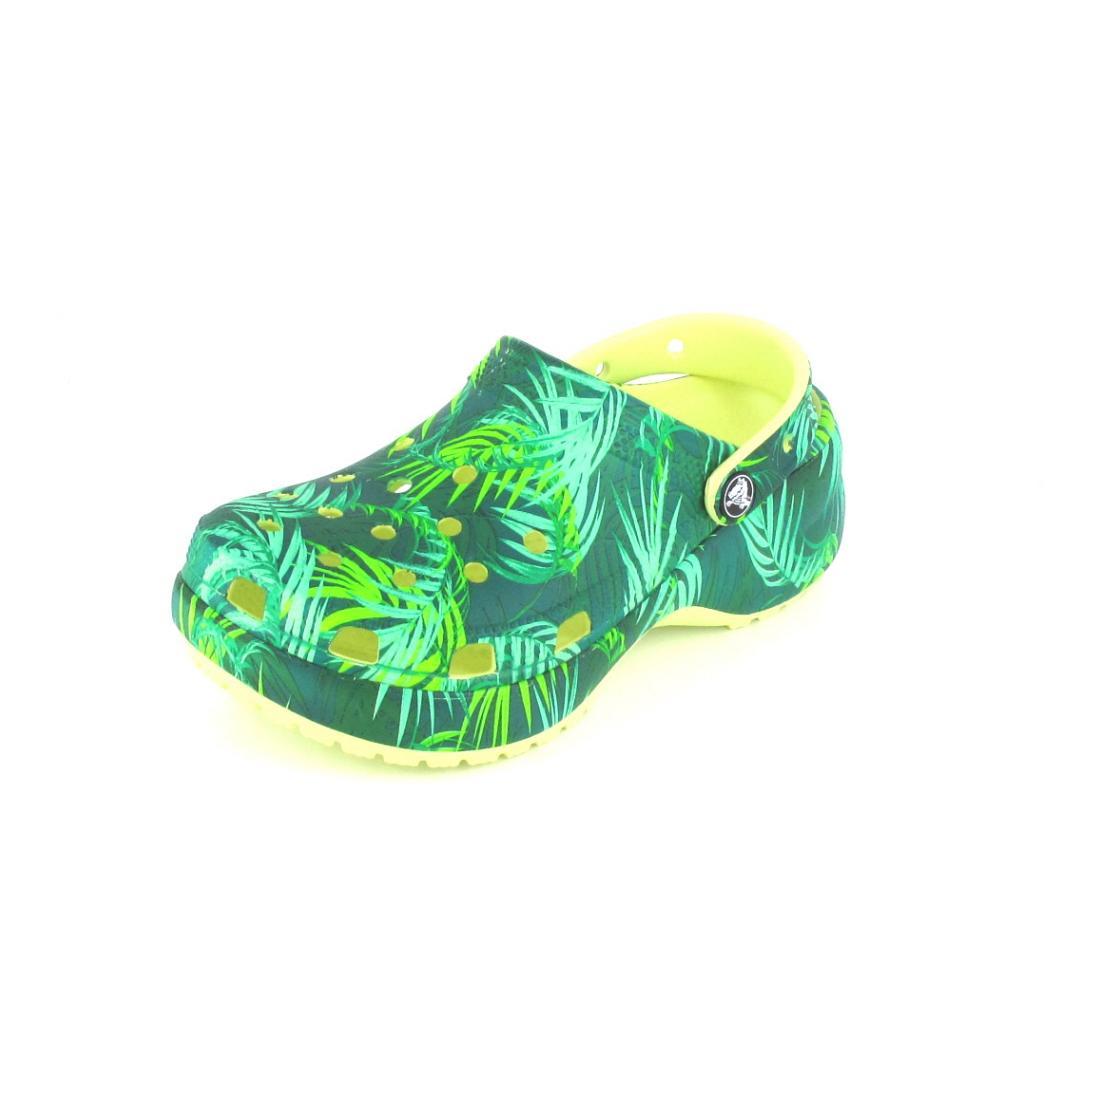 Crocs Clogs Classic Platform Tropical